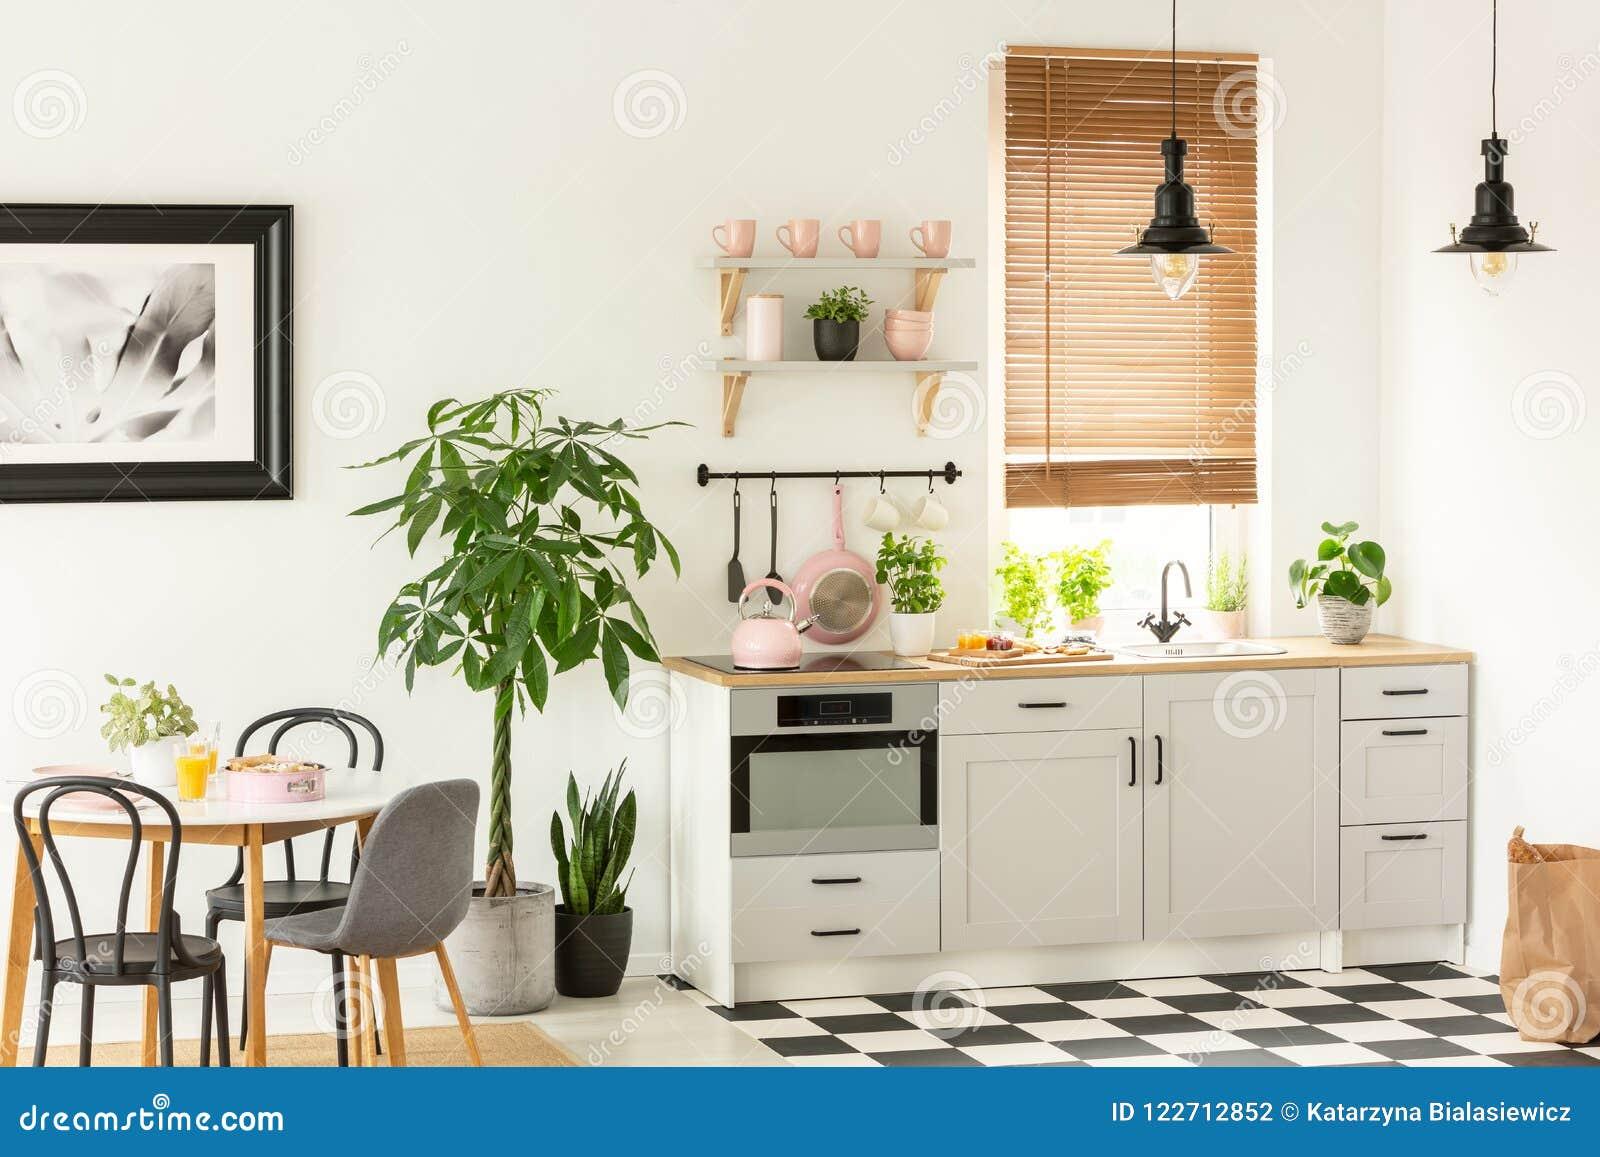 Foto Real De Un Interior Moderno De La Cocina Con Los Armarios, Las ...